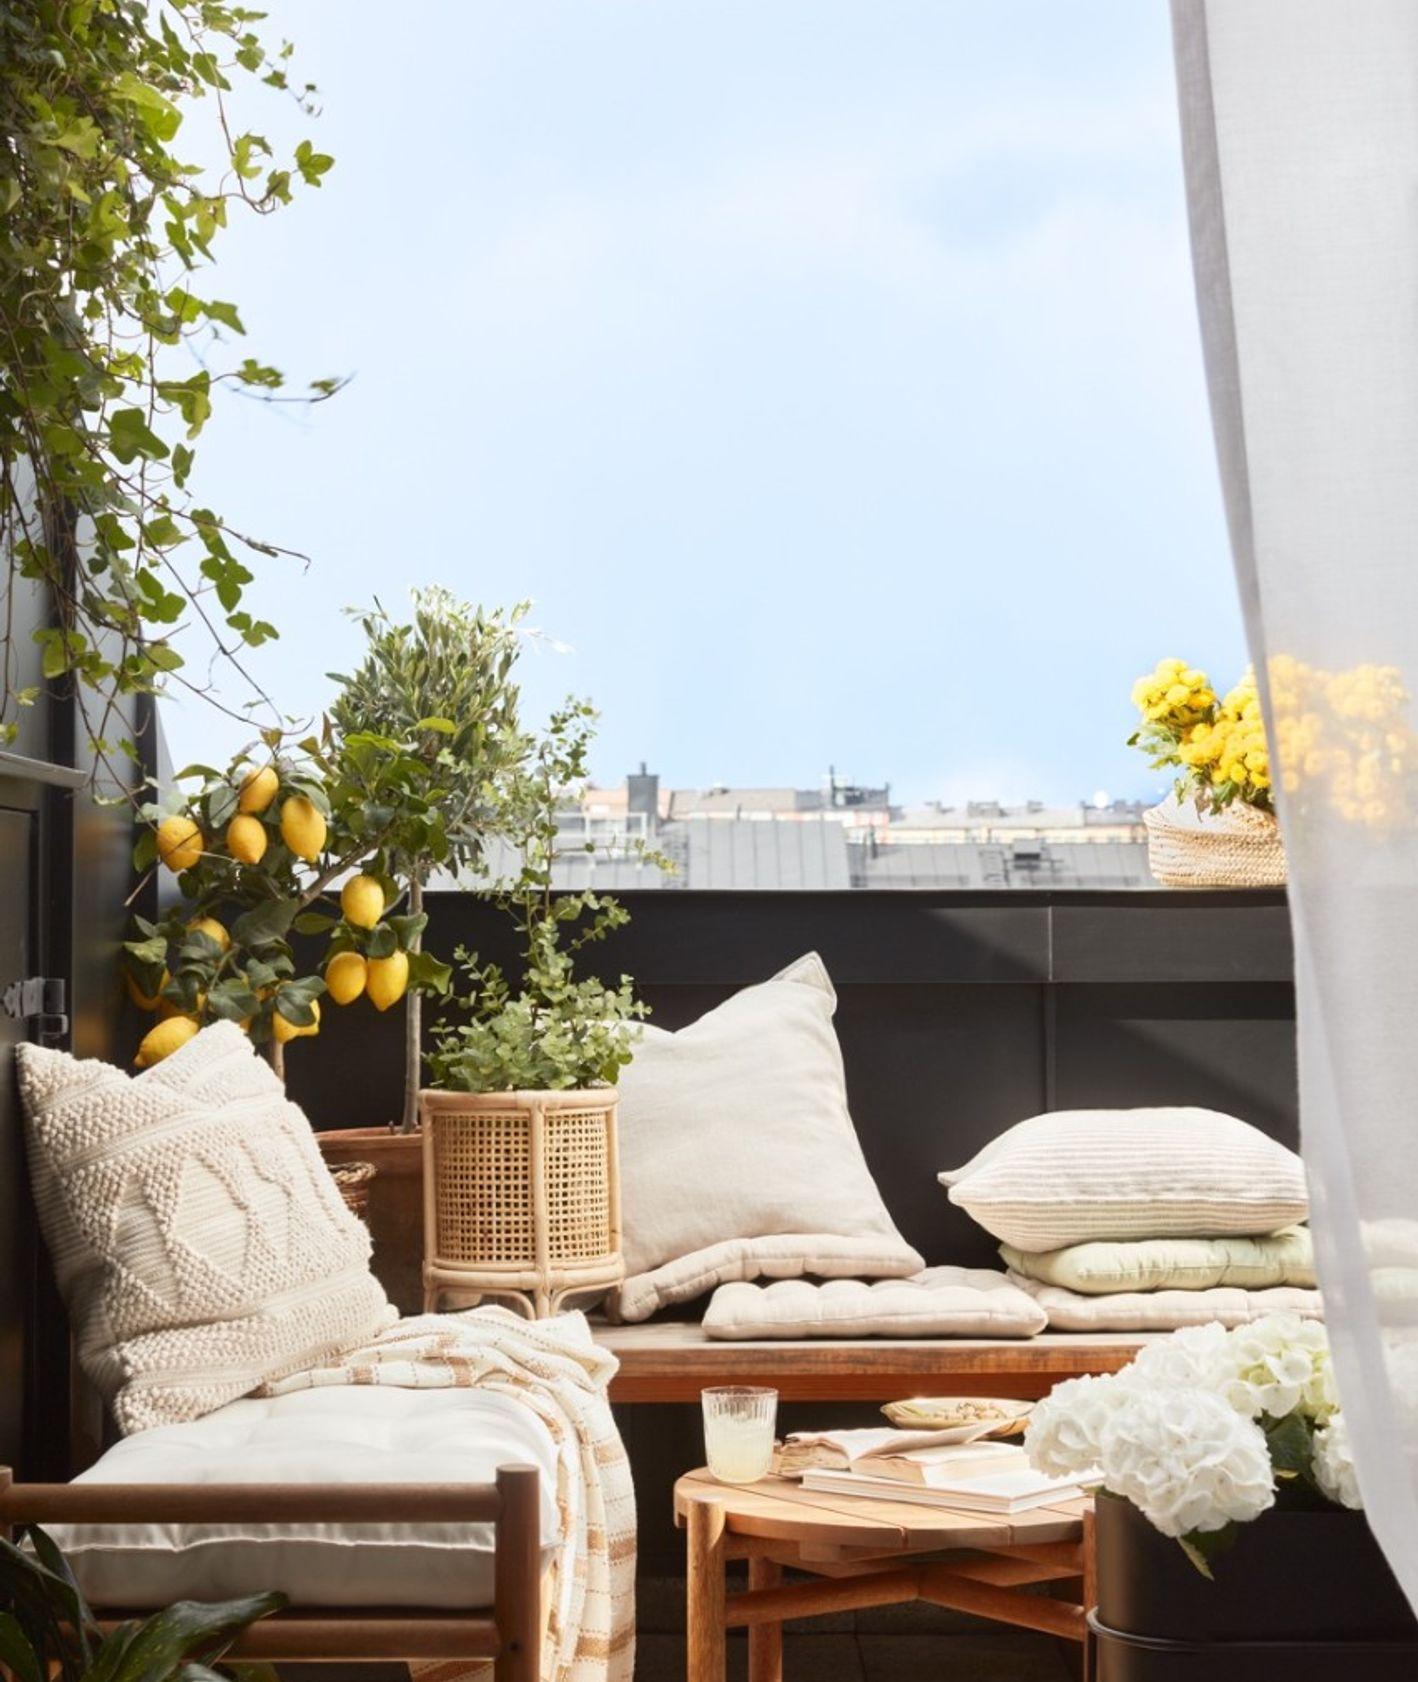 Balkon z poduszkami i drzewem cytrynowym (fot. materiały prasowe)